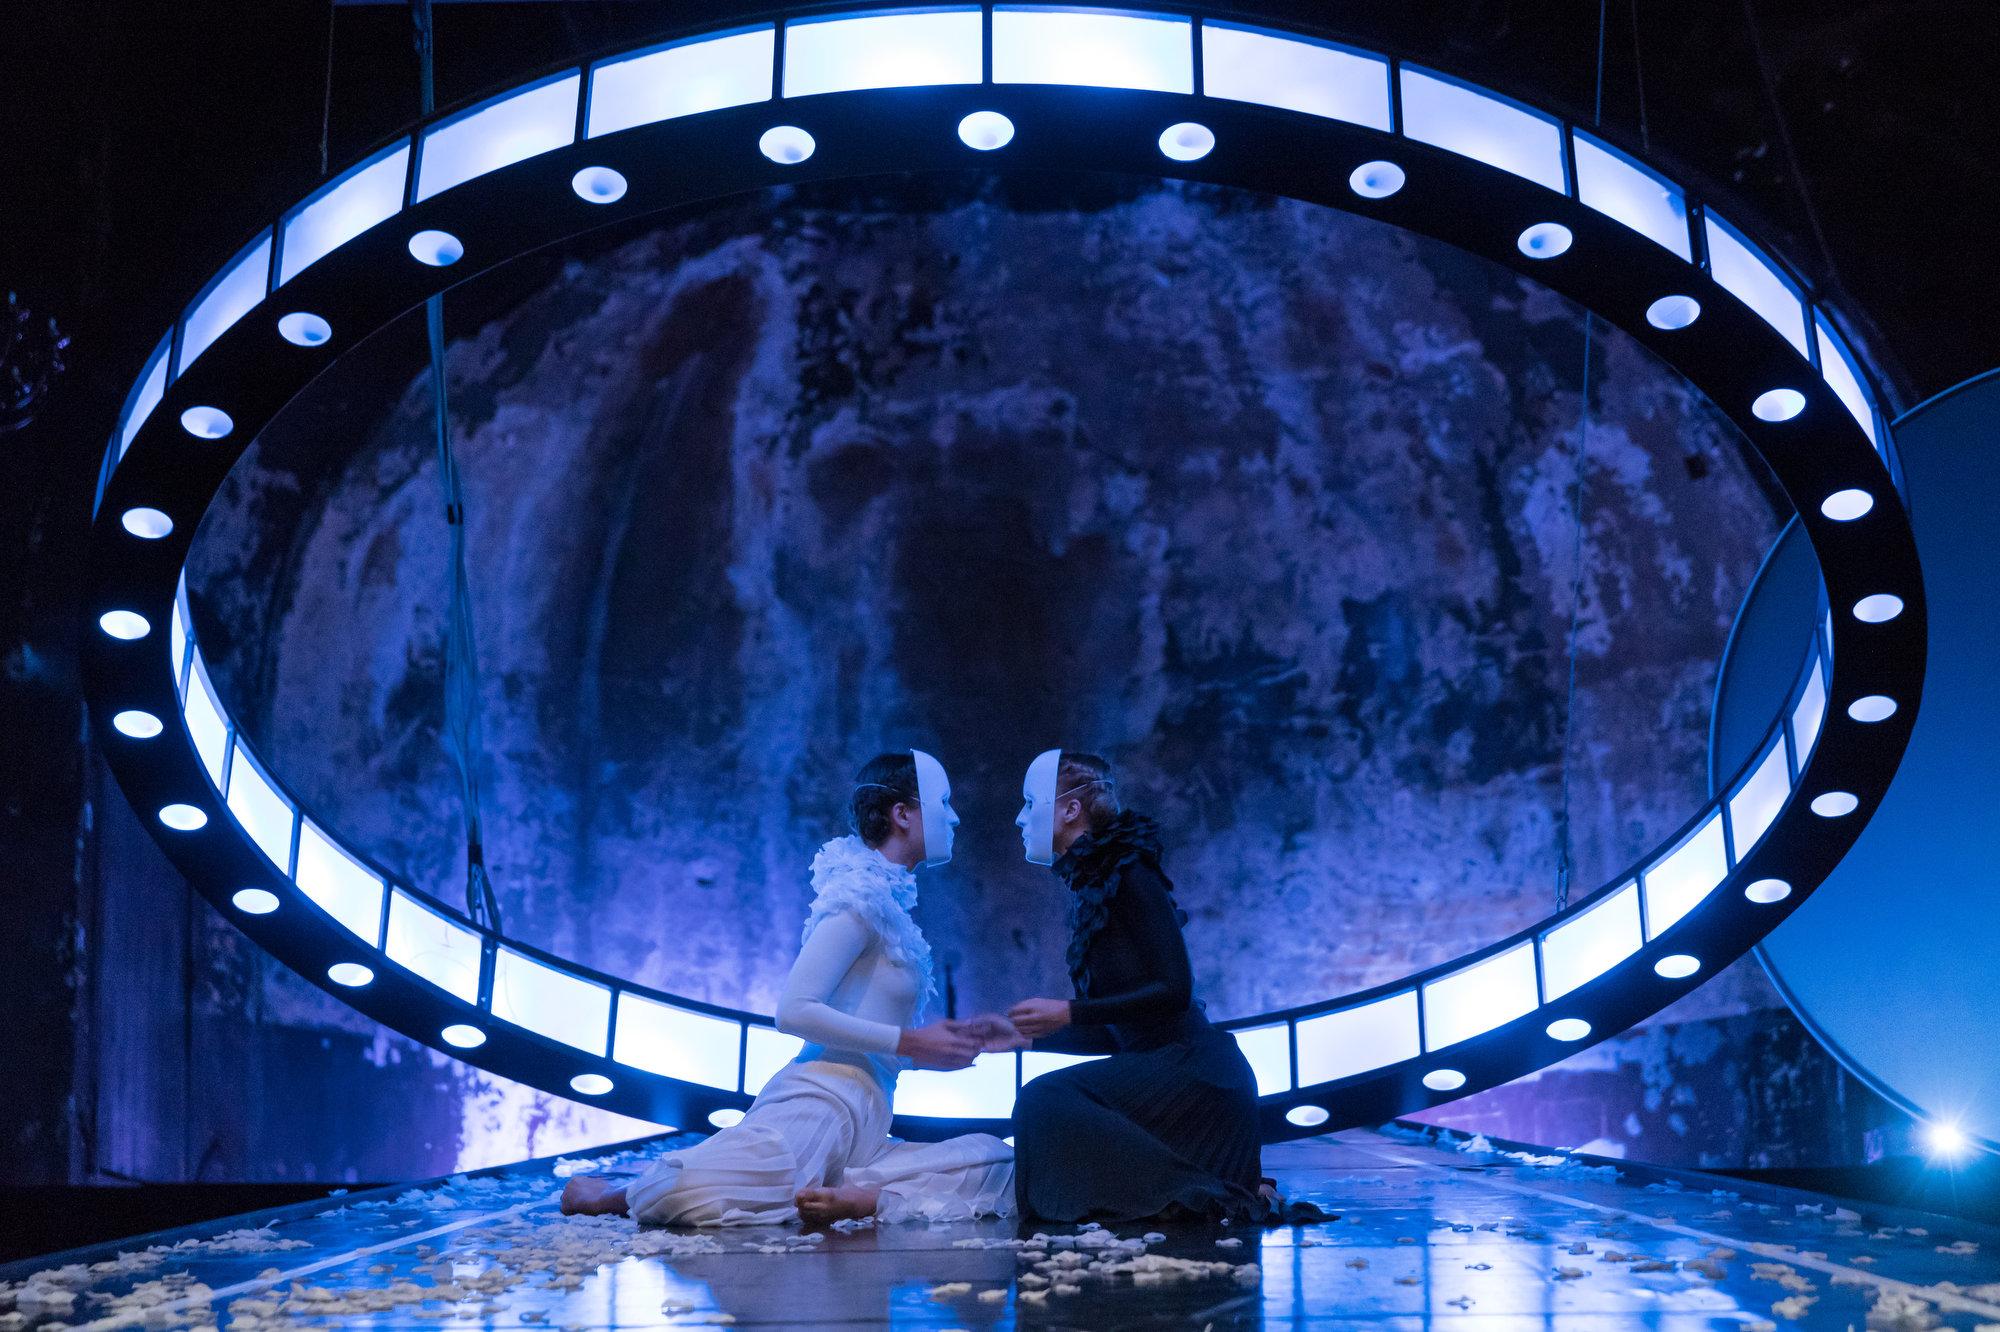 AU REVOIR, EURIDICE - Oper Leipzig in der Schaubühne Lindenfels / Theaterfotografie / Foto Tom Schulze